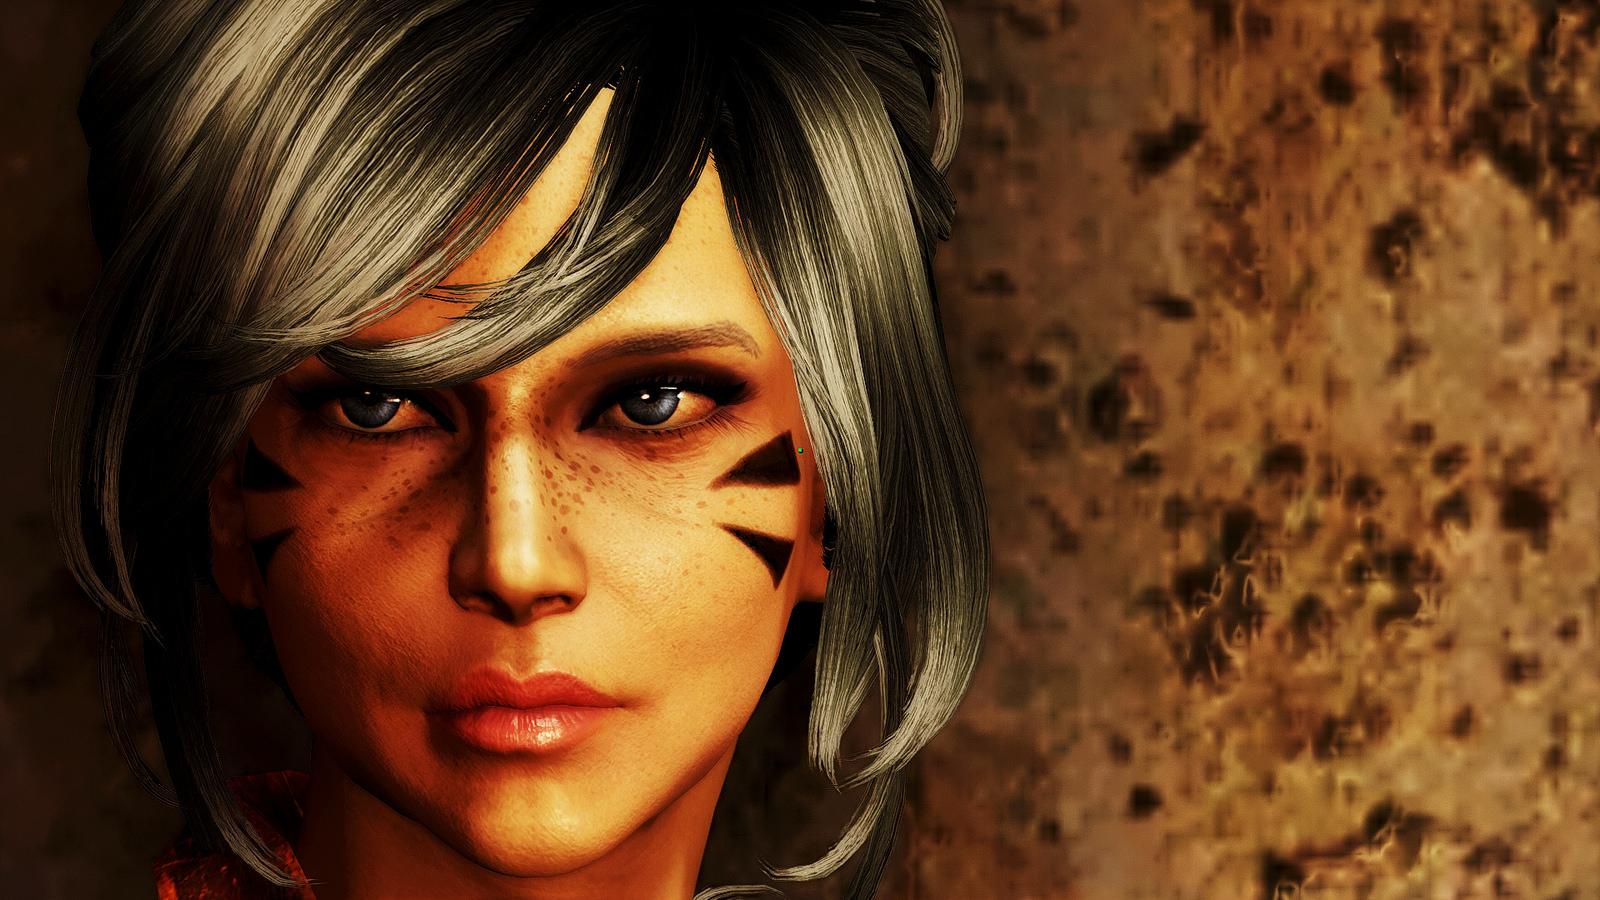 30983638441_97dbe4897a_h.jpg - Fallout 4